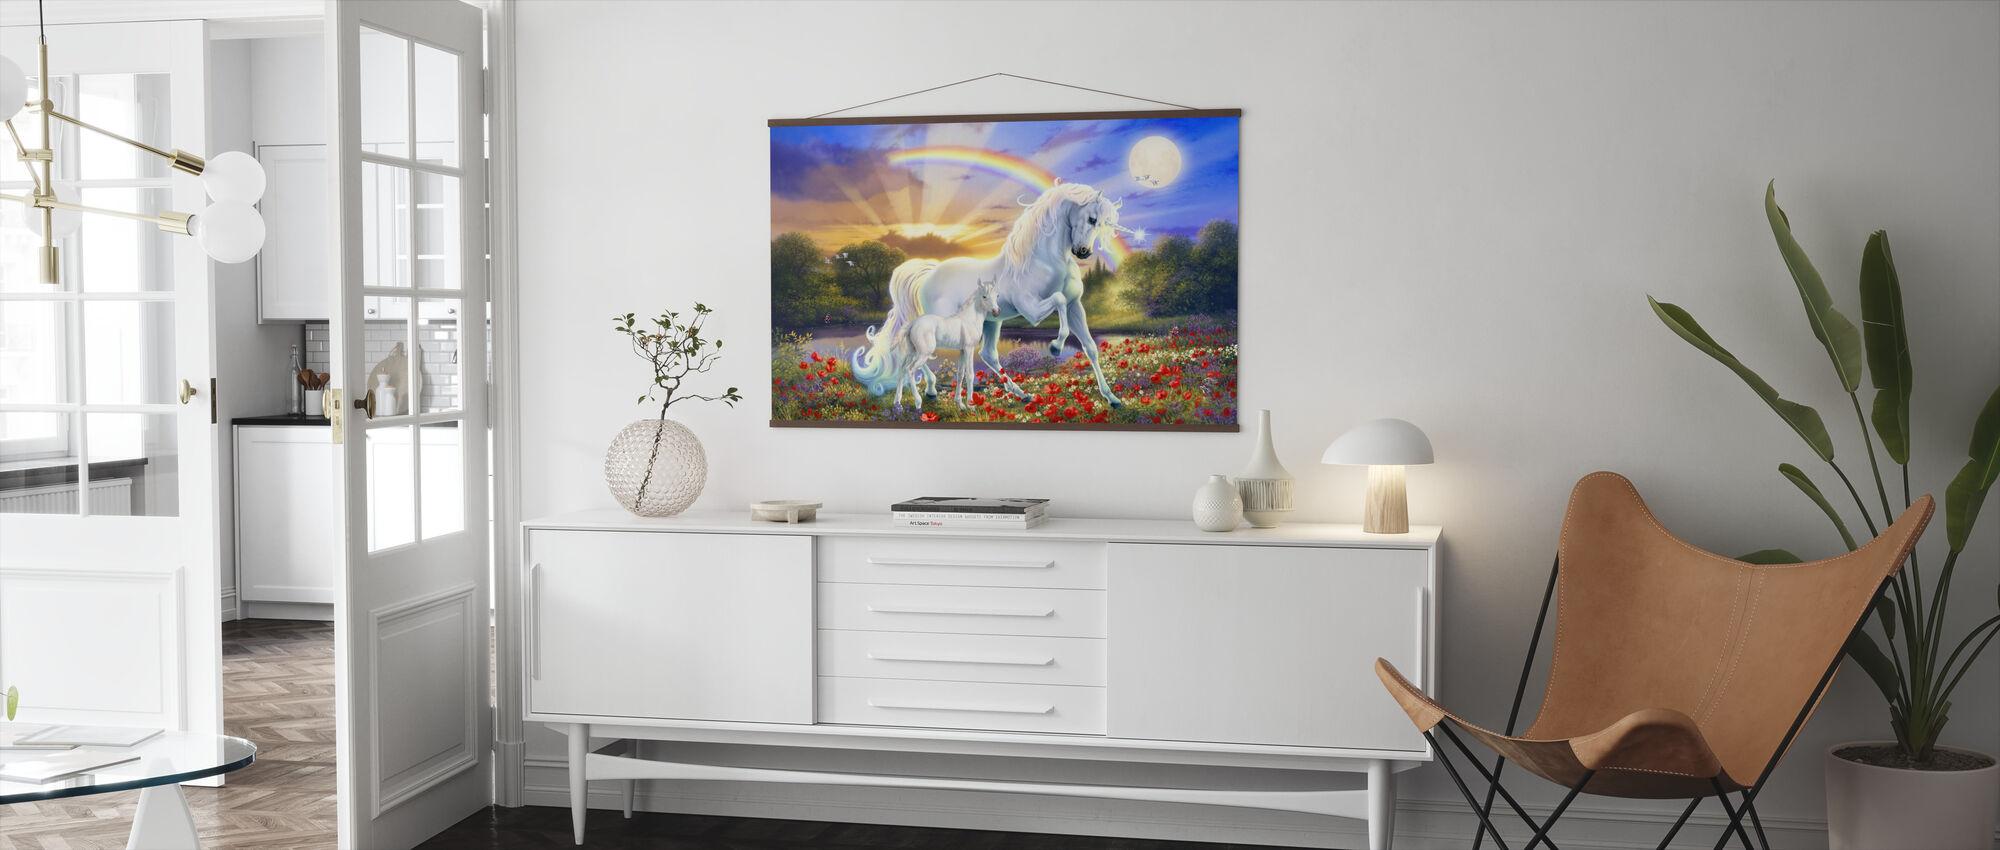 Regnbåge enhörning - Poster - Vardagsrum